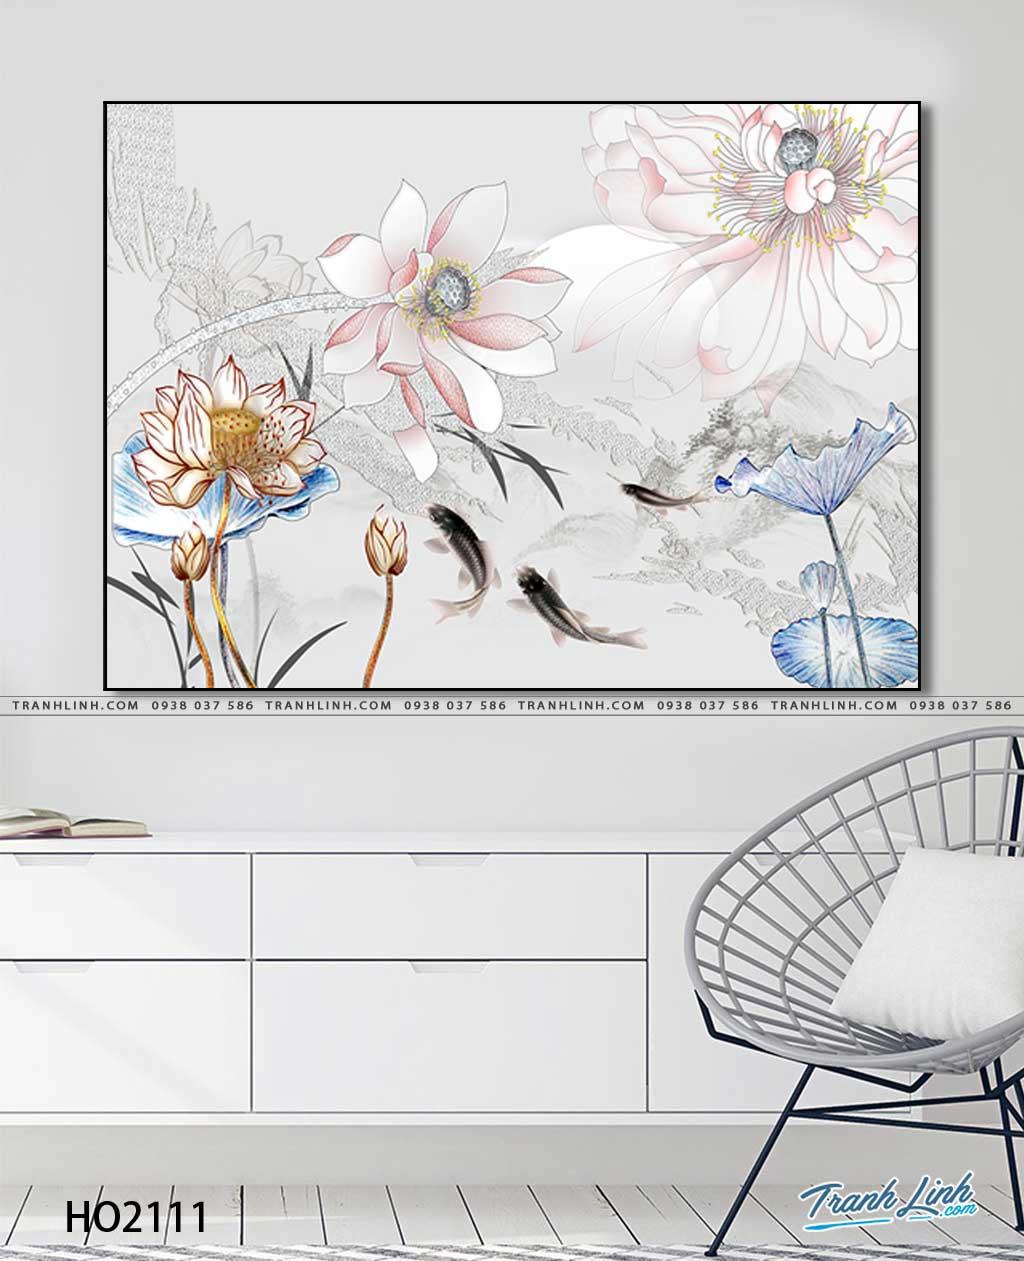 tranh canvas hoa 2111